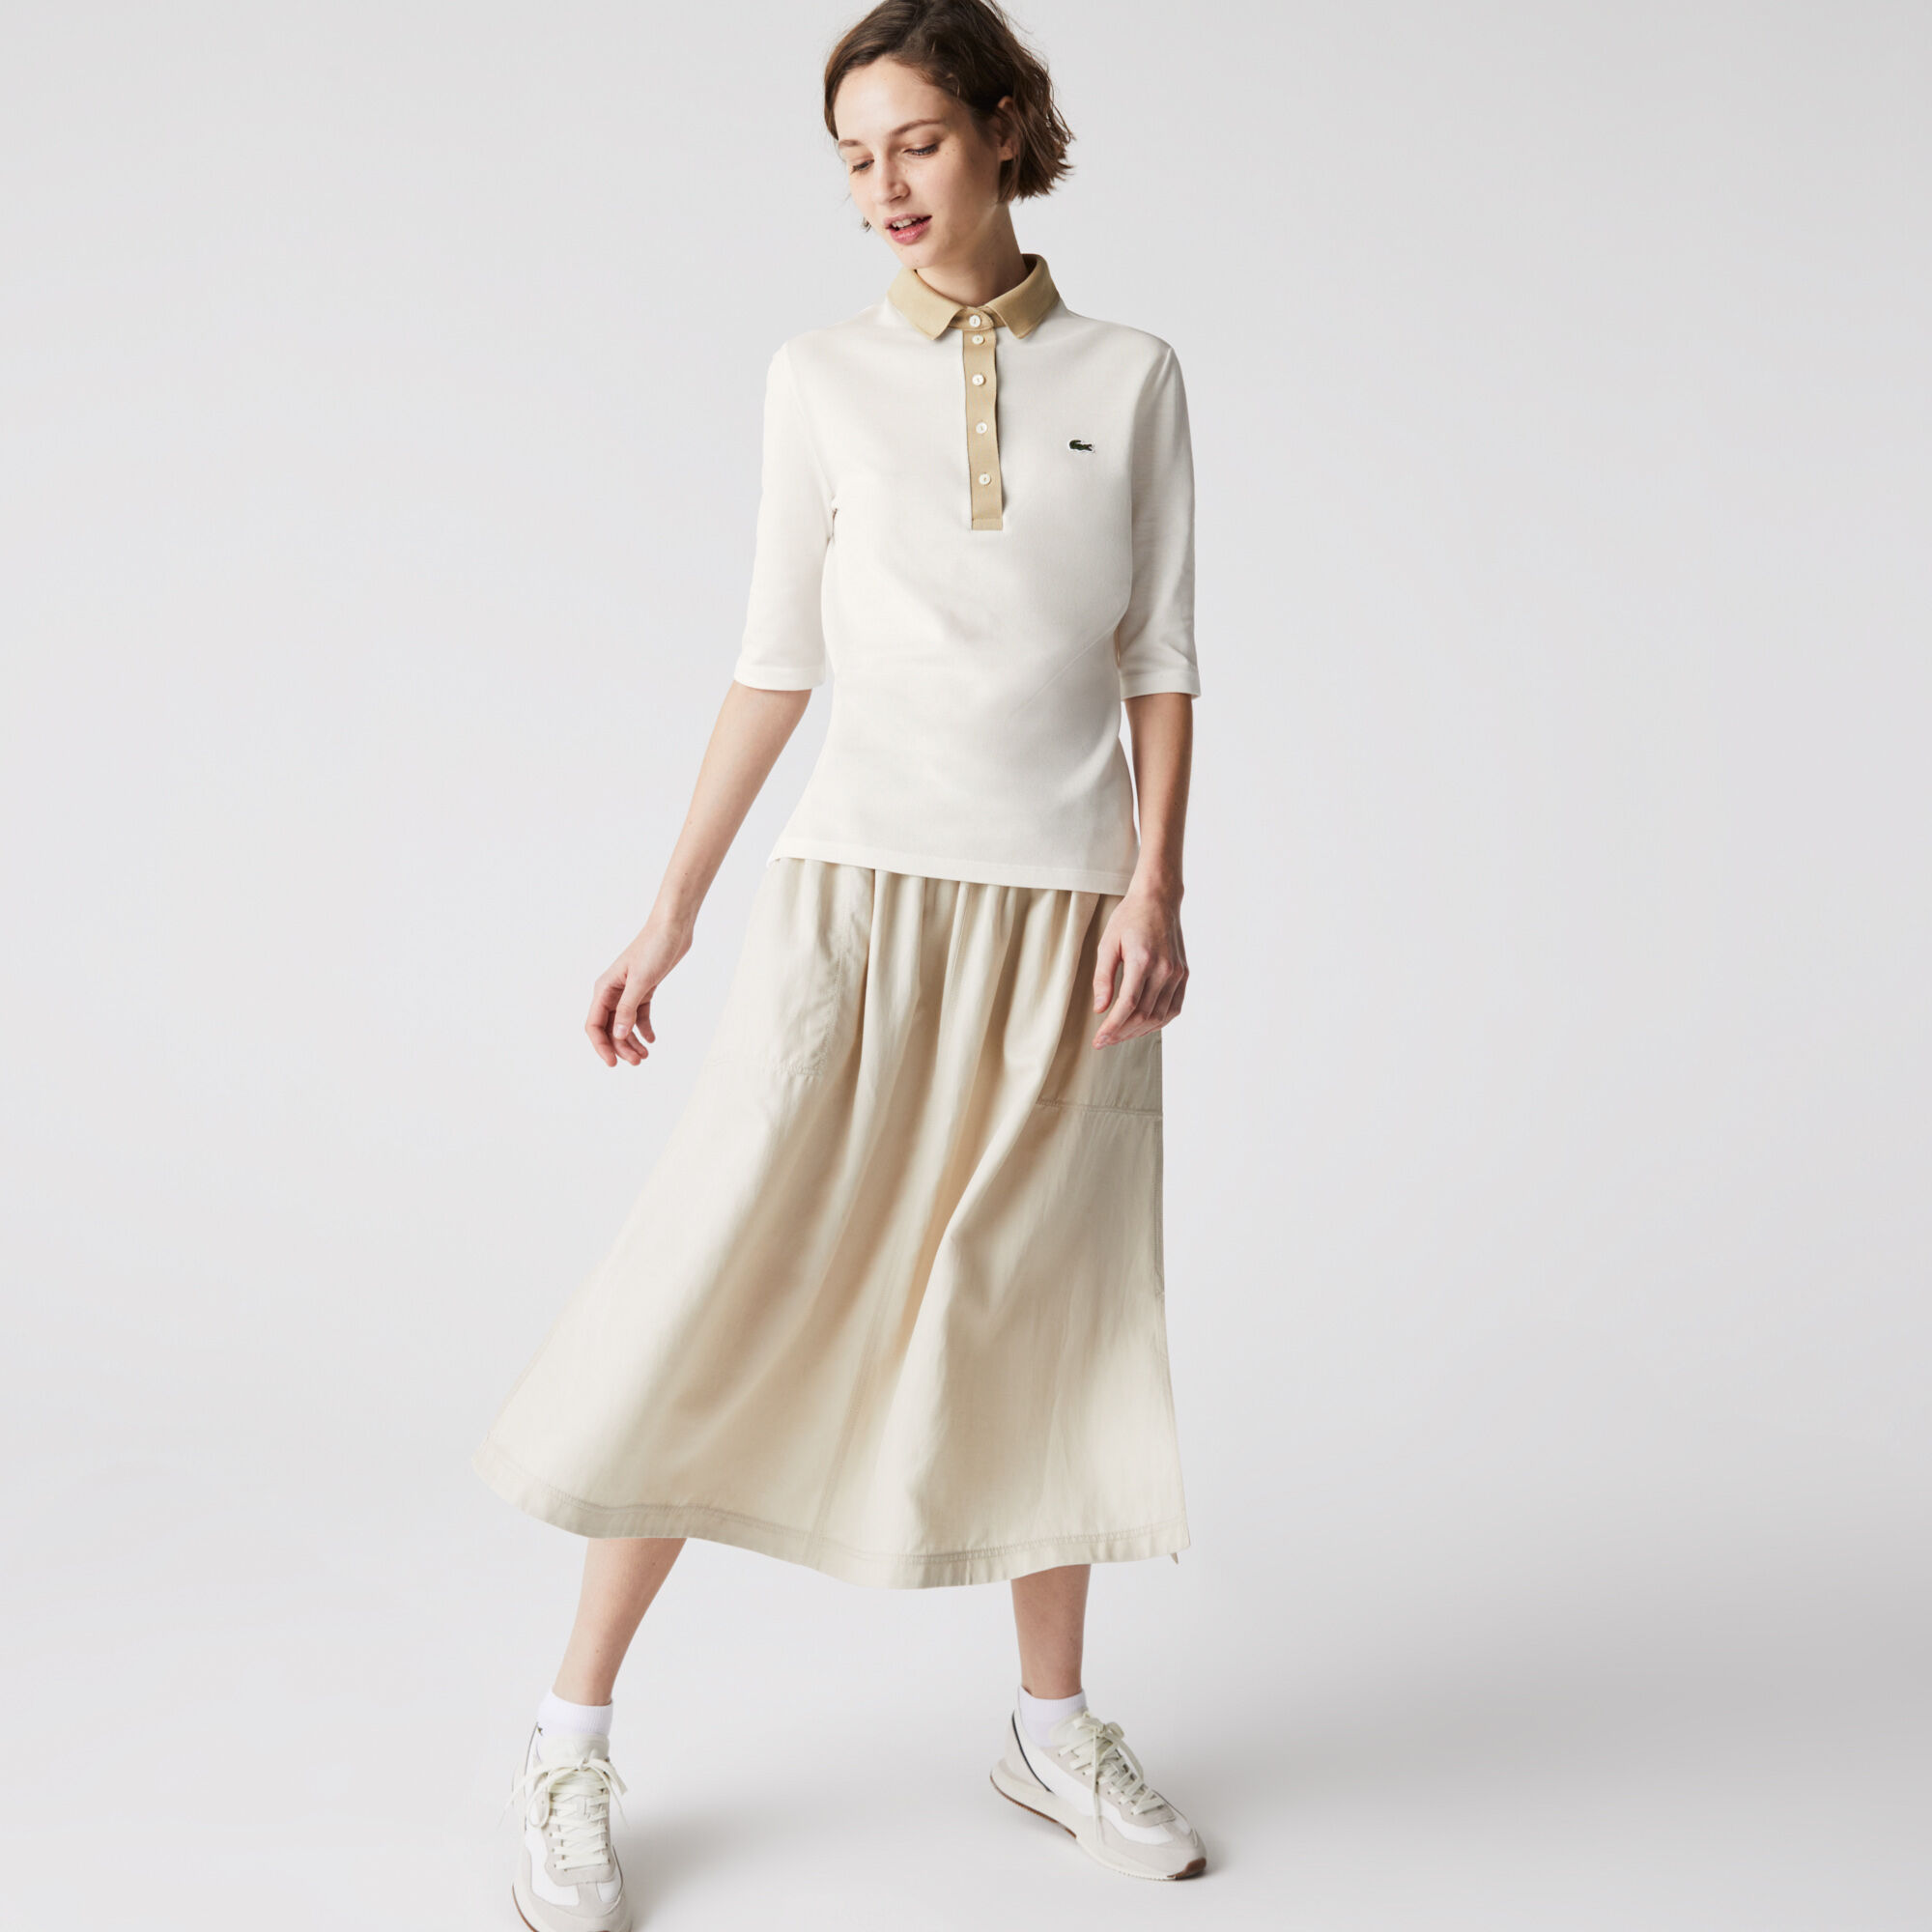 Women's Lacoste Slim Fit Cotton Polo Shirt